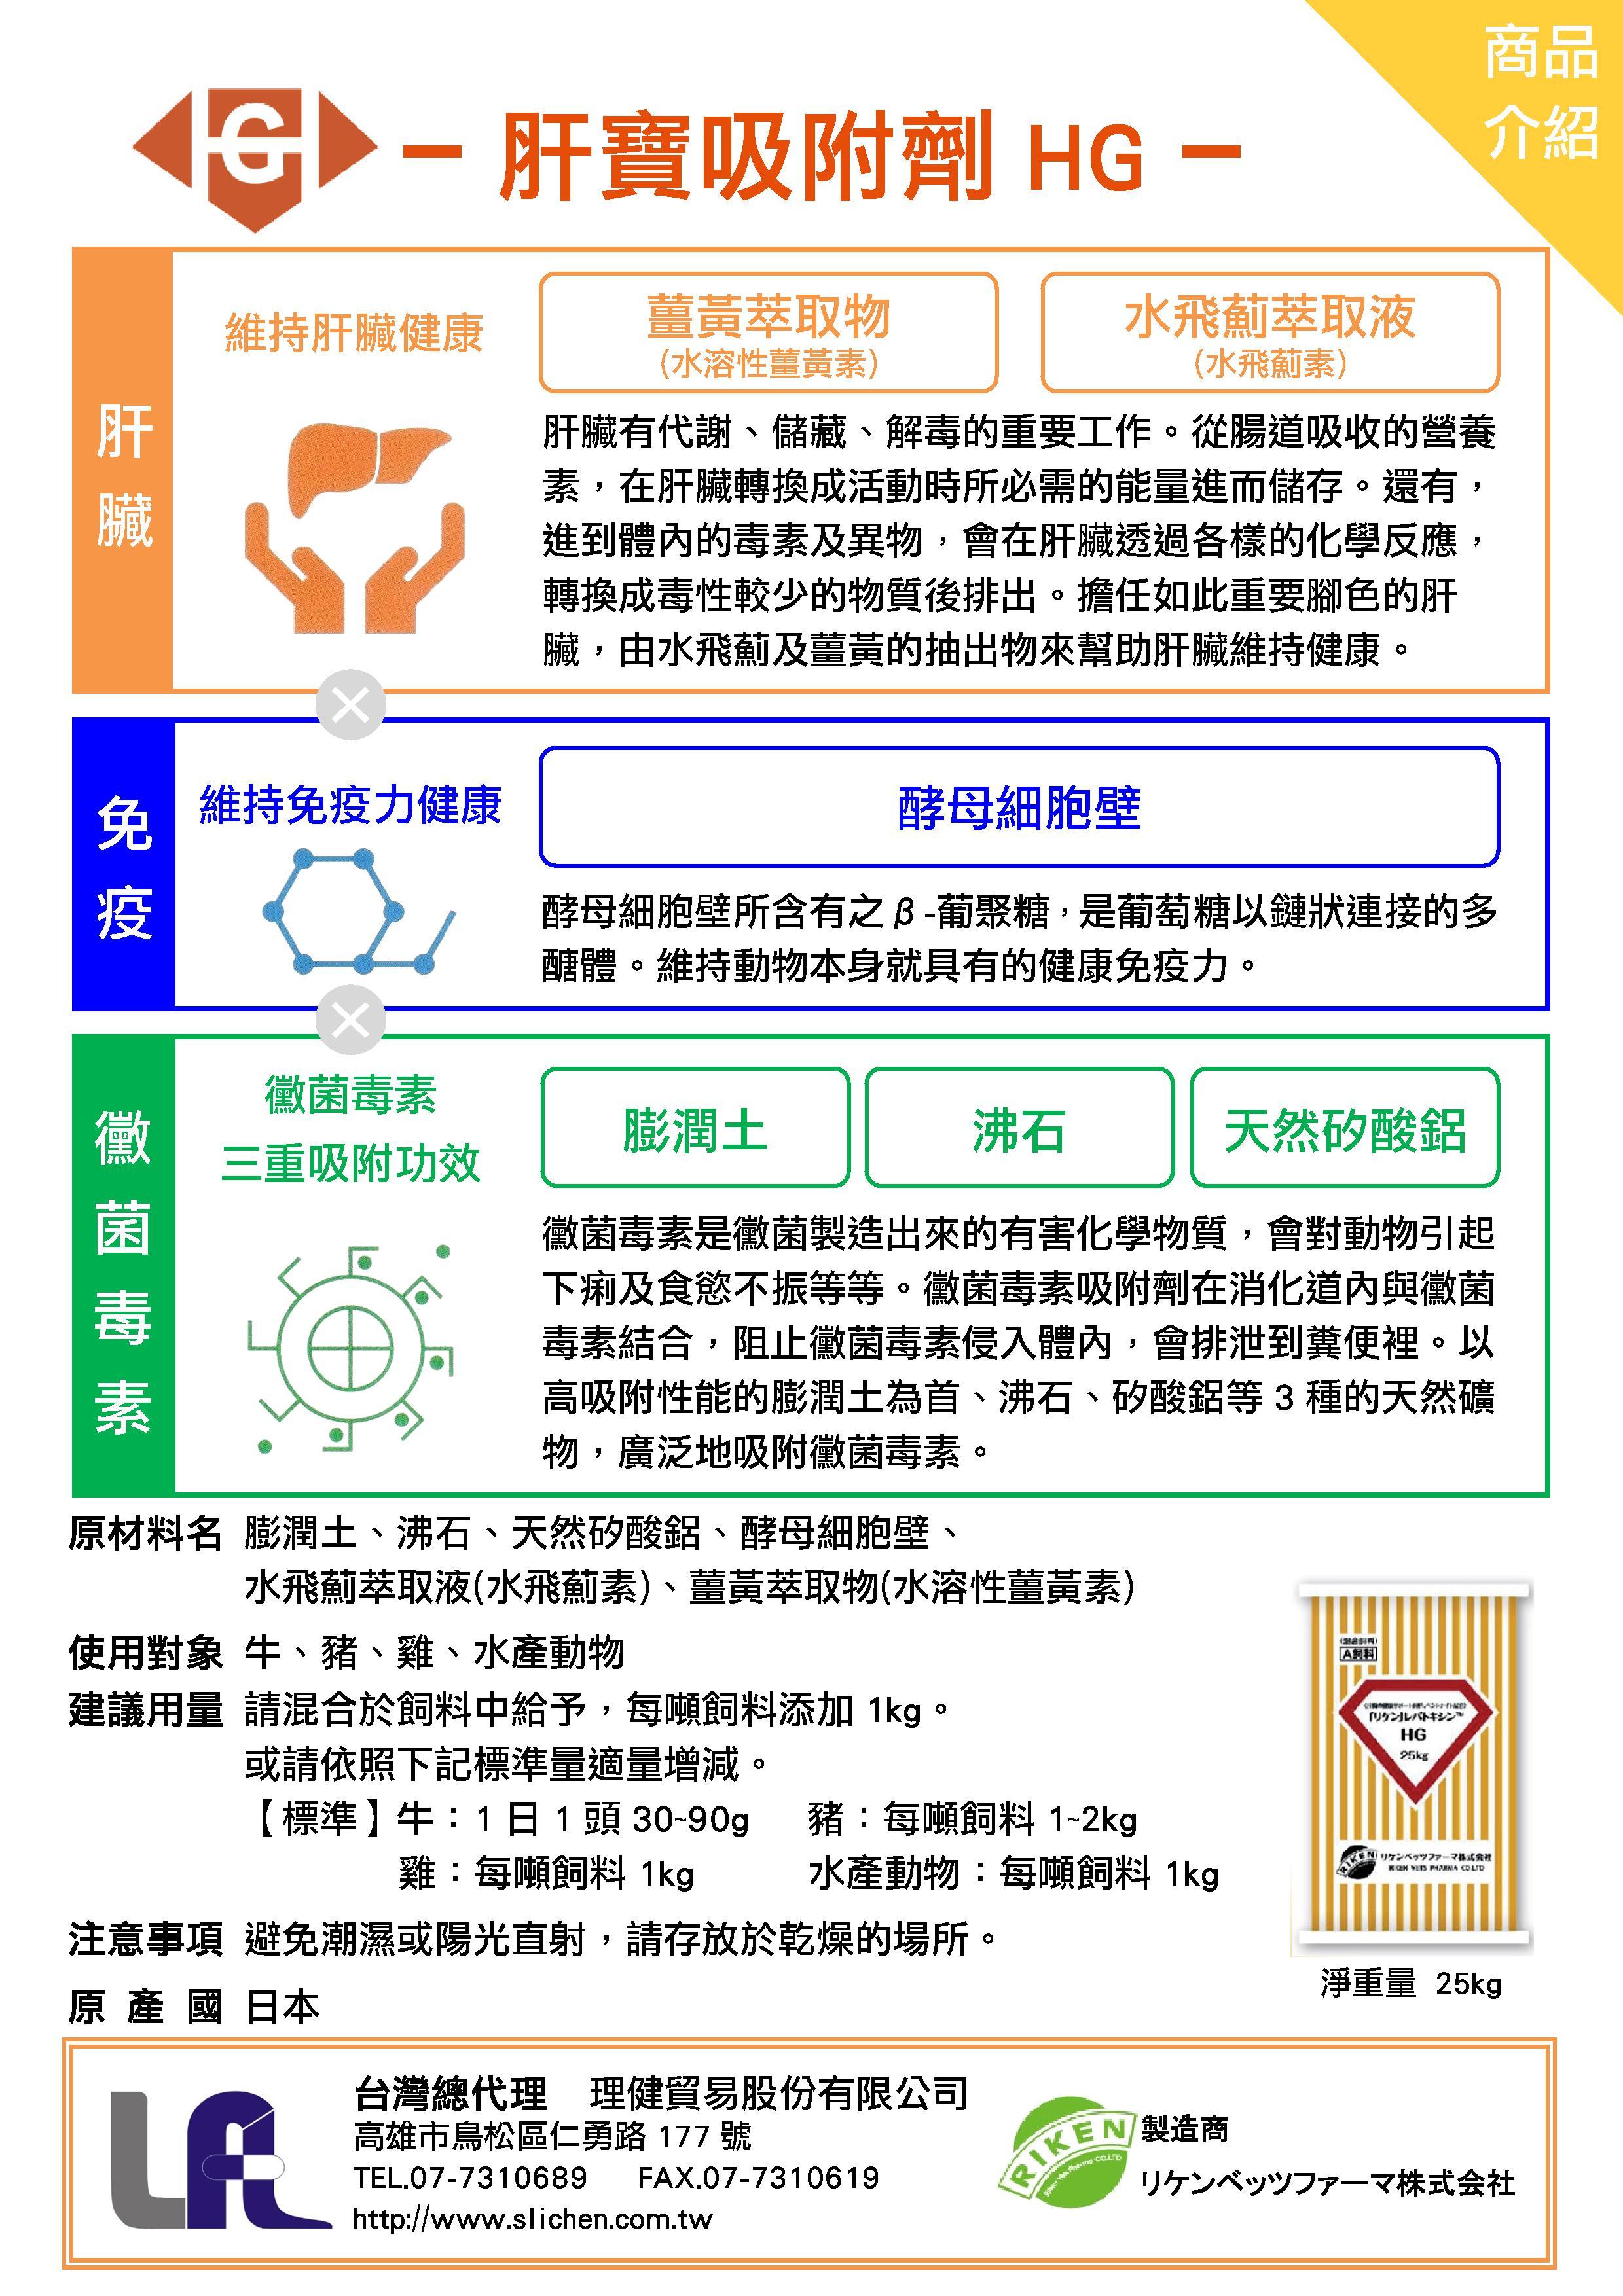 肝寶吸附劑DM-豬_20190225 (4)